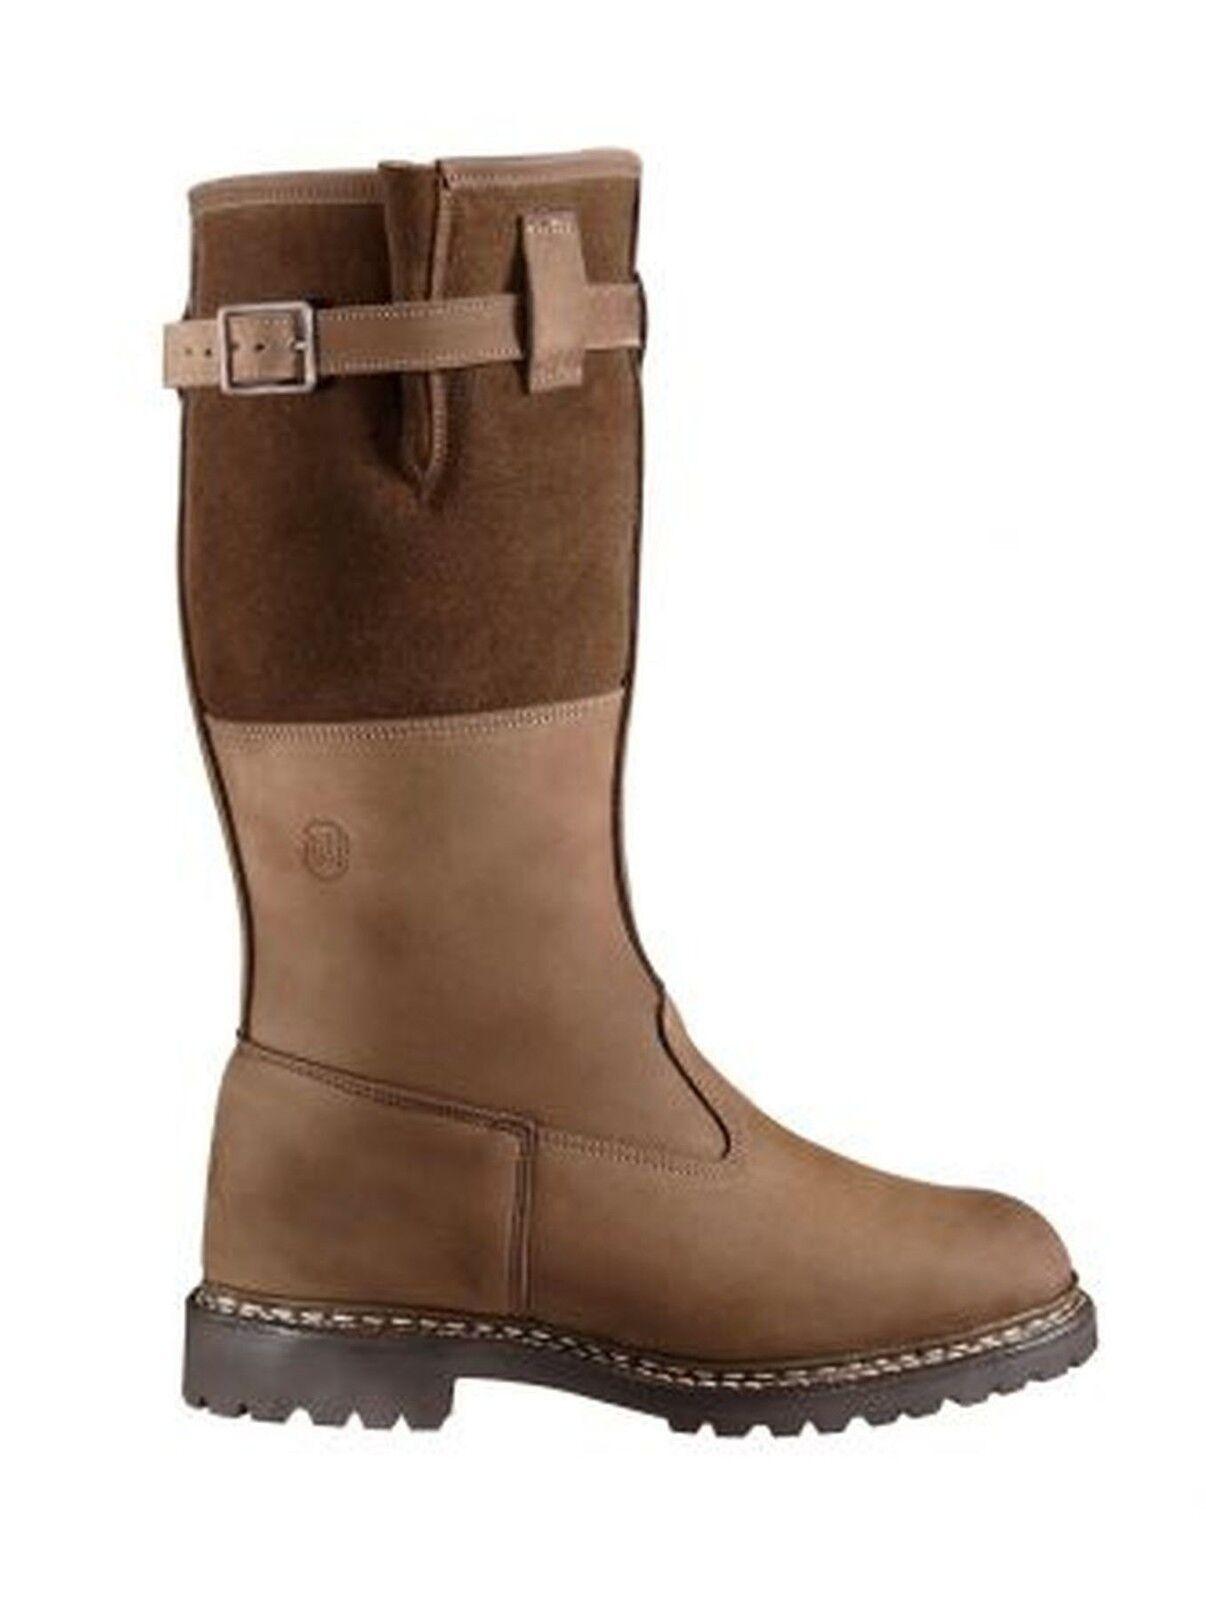 Hanwag botas de invierno Ursus Lady tamaño 37 Marone Marone Marone PVP 279,95  venta